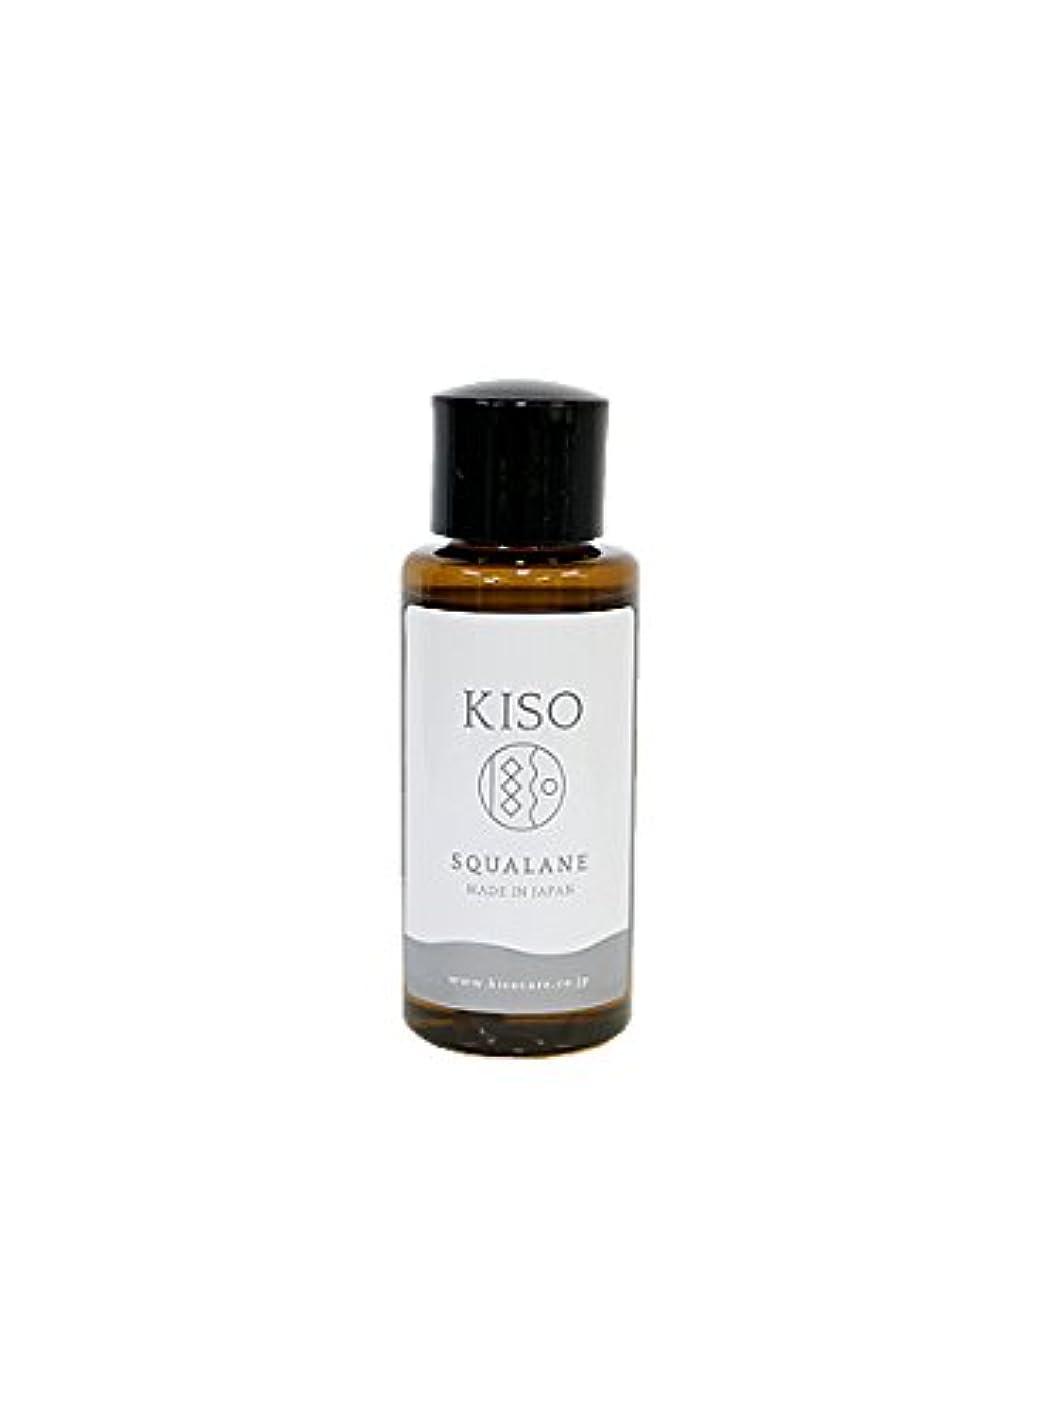 報復交換可能靴下KISO 高純度 【スクワラン50mL】 100% 深海ザメ肝油/原液/オイル/保湿/低刺激/敏感肌/普通肌/ベビーオイル